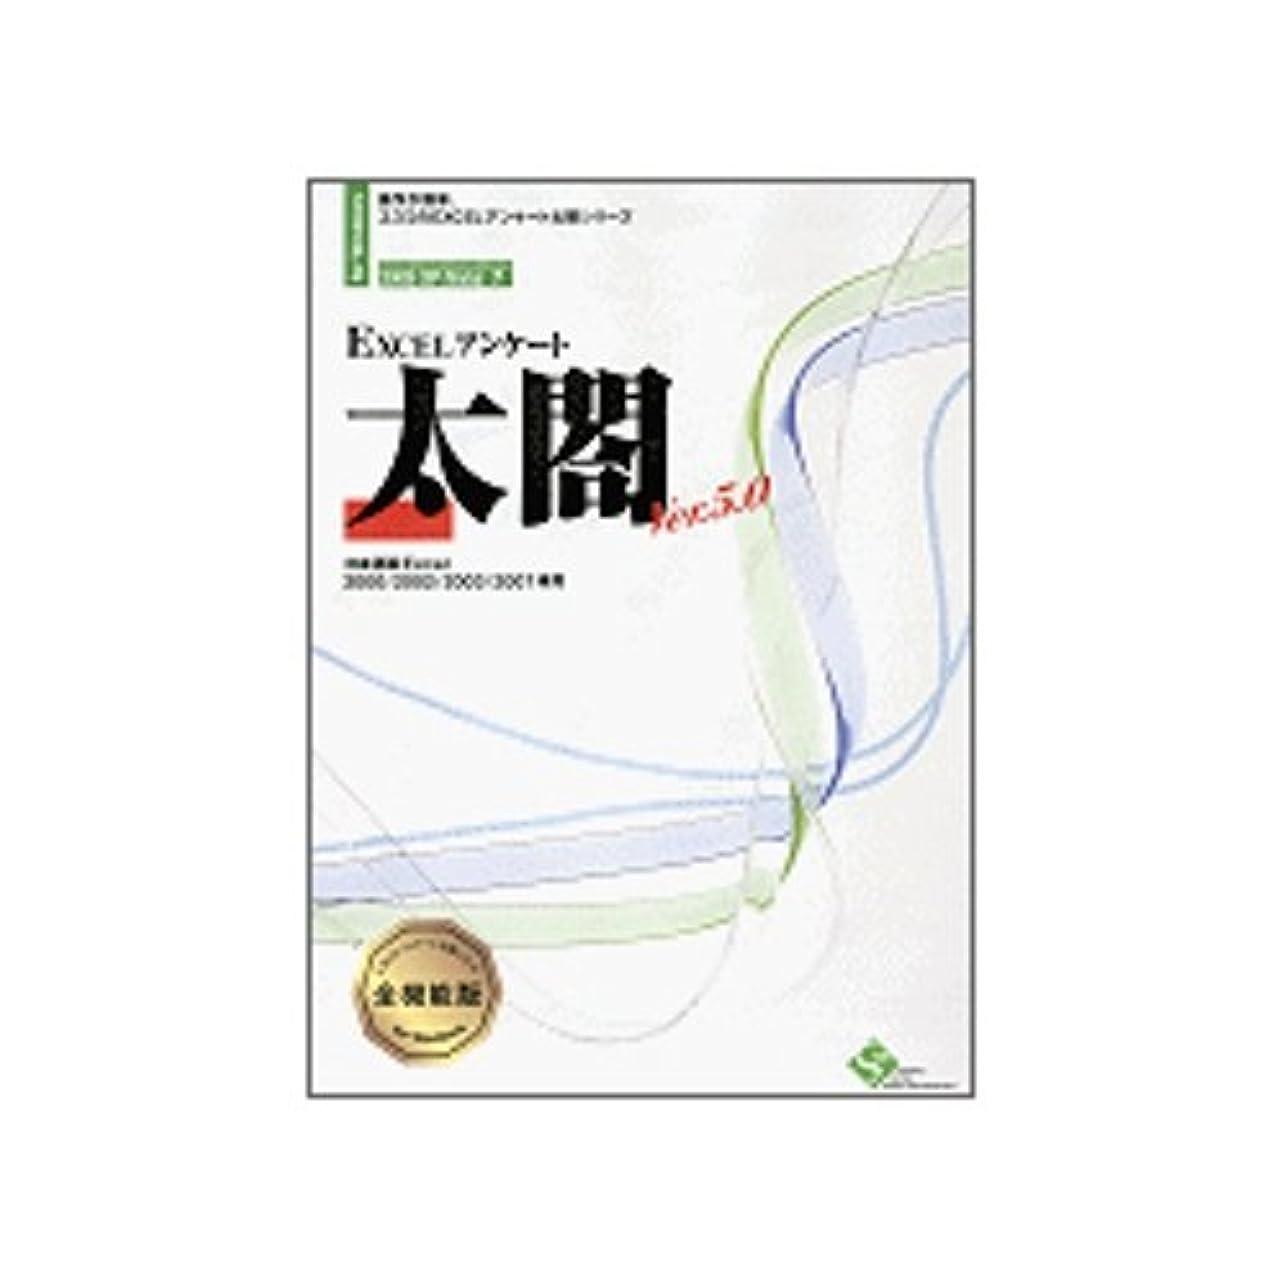 影響する宅配便航海EXCELアンケート太閤 Ver.5.0 集計+グラフ版 1ライセンスパッケージ アカデミック